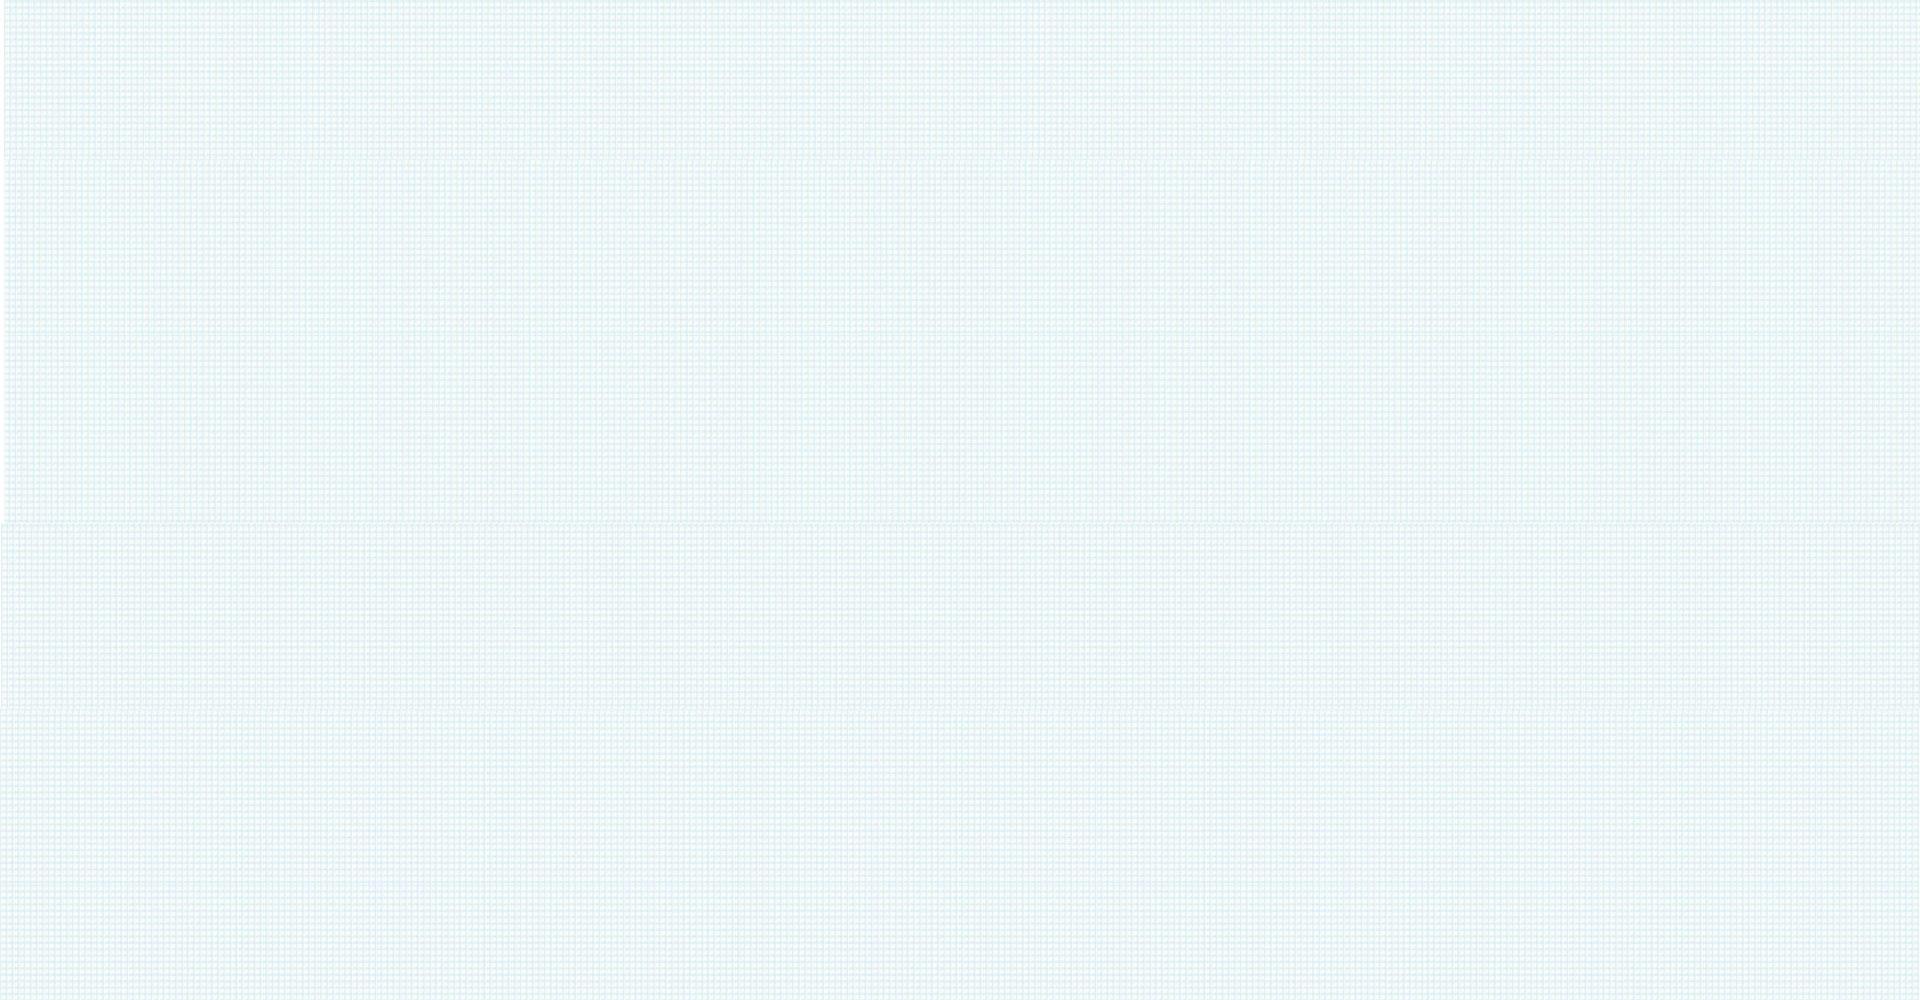 セール 登場から人気沸騰 【スーパーセールでポイント最大44倍】【組立設置費込】収納ベッド レギュラー・セミダブル【Mulante】【デュラテクノスプリングマットレス付き】フレームカラー:ホワイト コンセント付き_フラットヘッドボード_跳ね上げベッド【Mulante】ムランテ【】:インテリアの壱番館, スポーツマリオ:cd22a11a --- energyscandinavia.eu